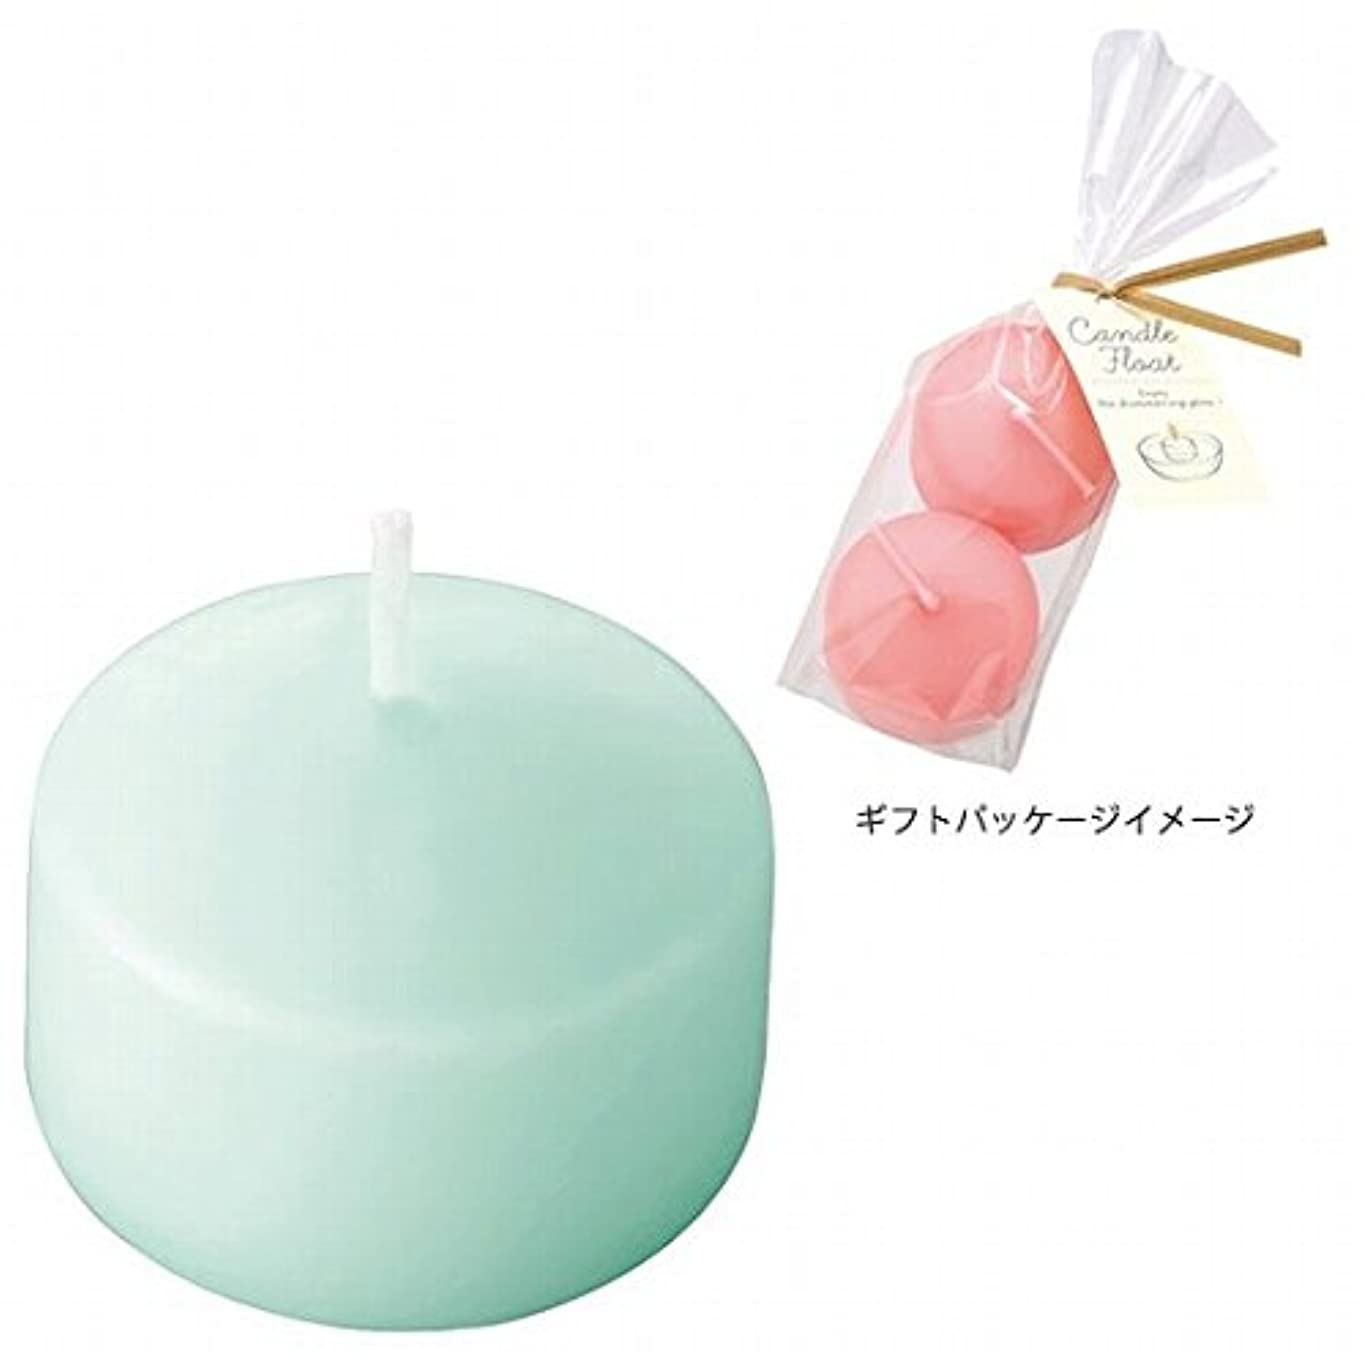 汚染する乏しい観客カメヤマキャンドル( kameyama candle ) ハッピープール(2個入り) キャンドル 「ライトブルー」